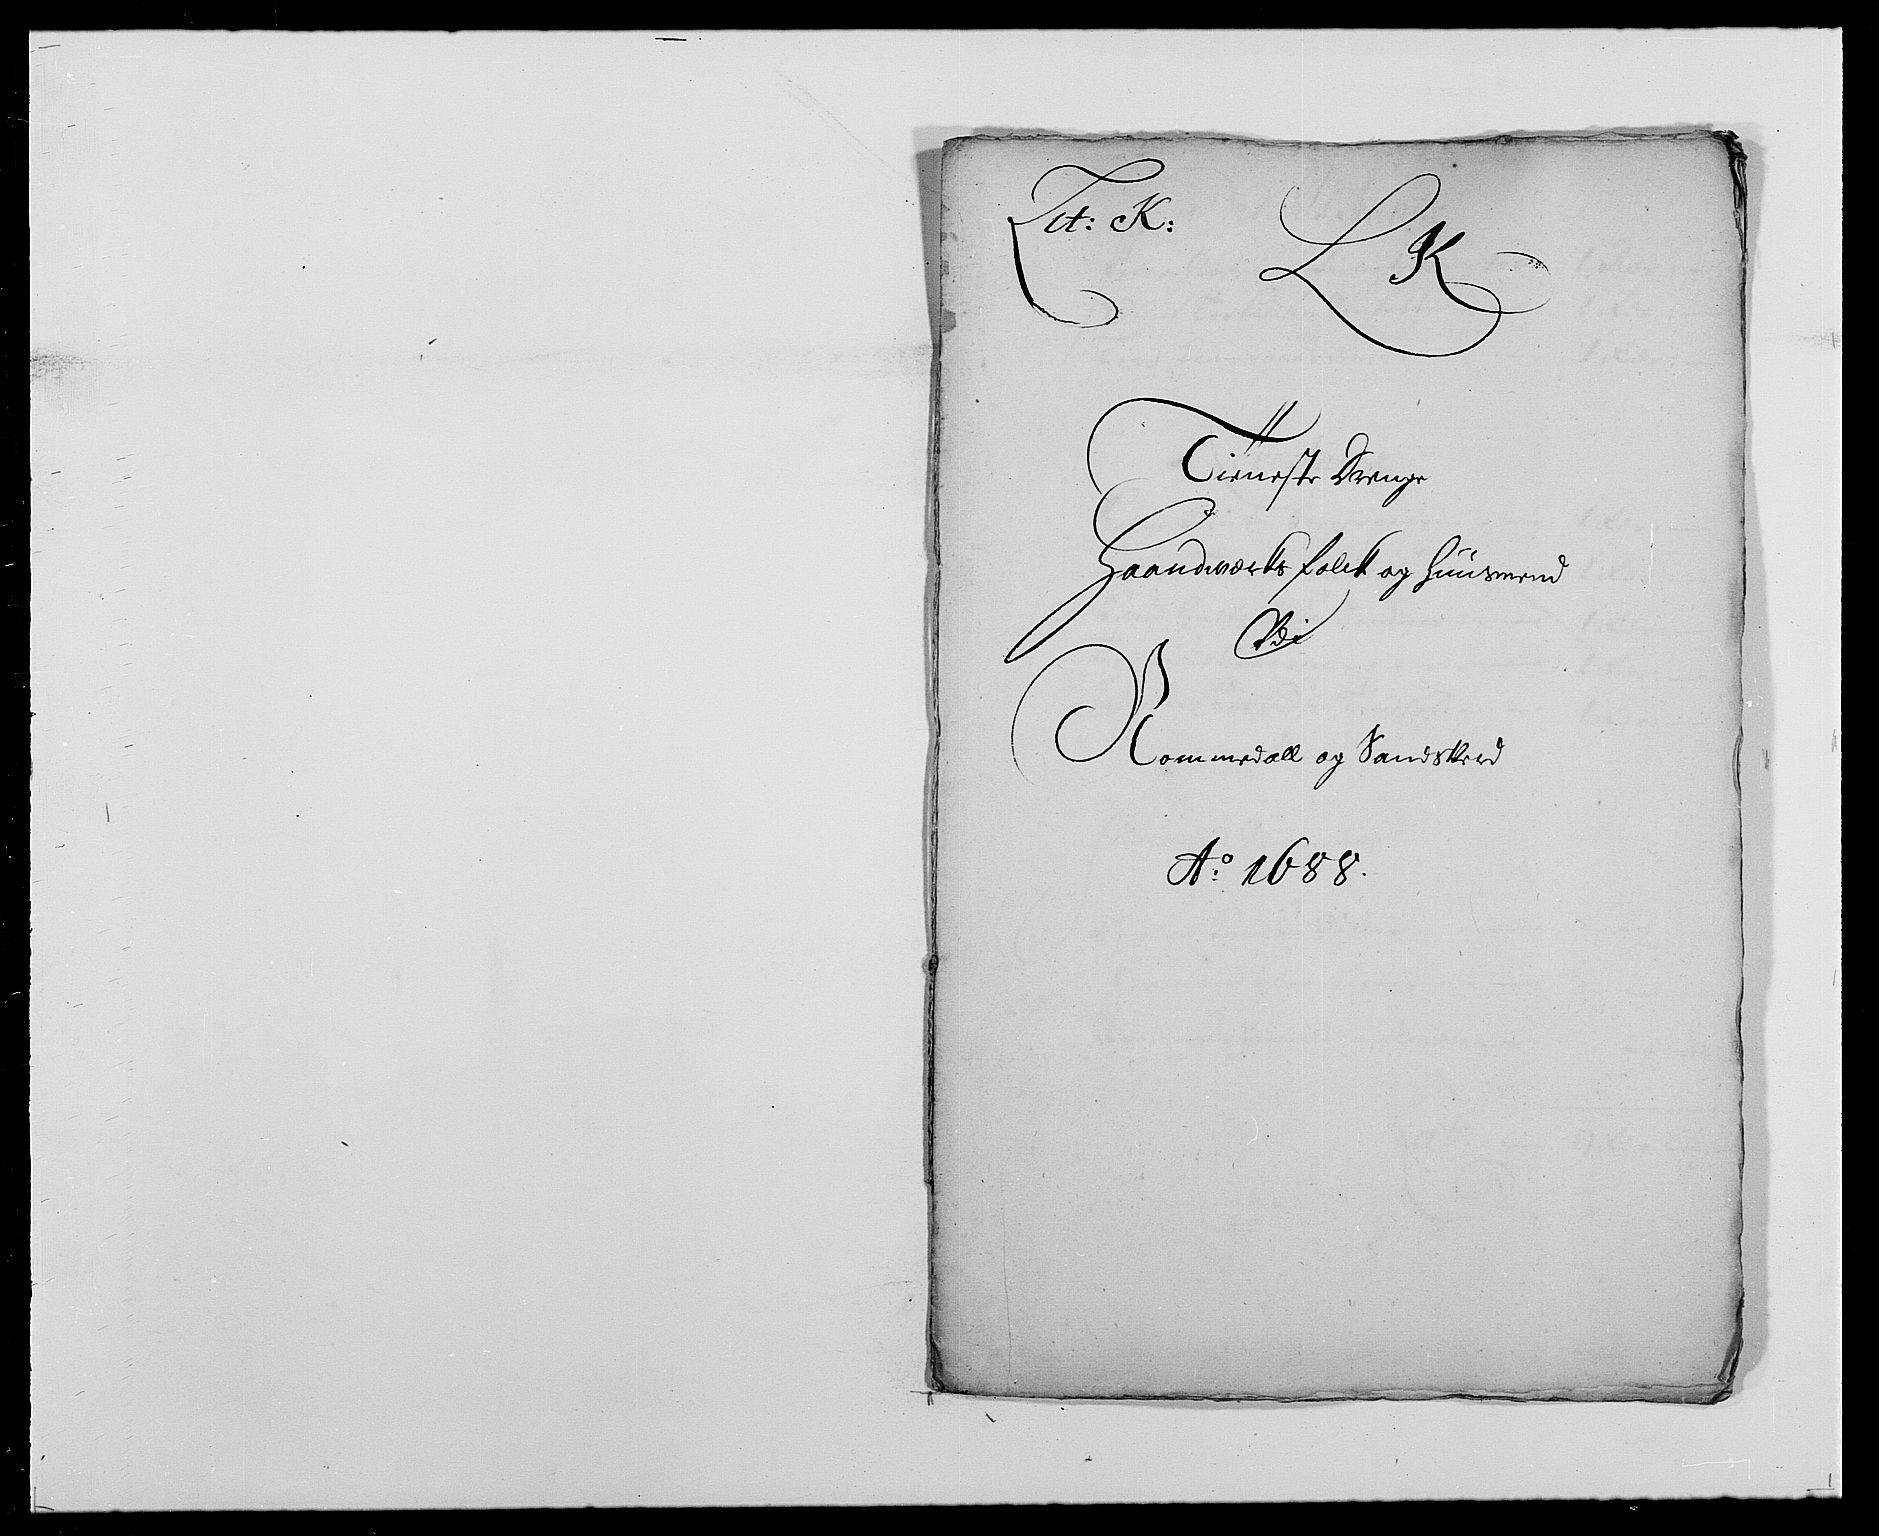 RA, Rentekammeret inntil 1814, Reviderte regnskaper, Fogderegnskap, R24/L1573: Fogderegnskap Numedal og Sandsvær, 1687-1691, s. 320